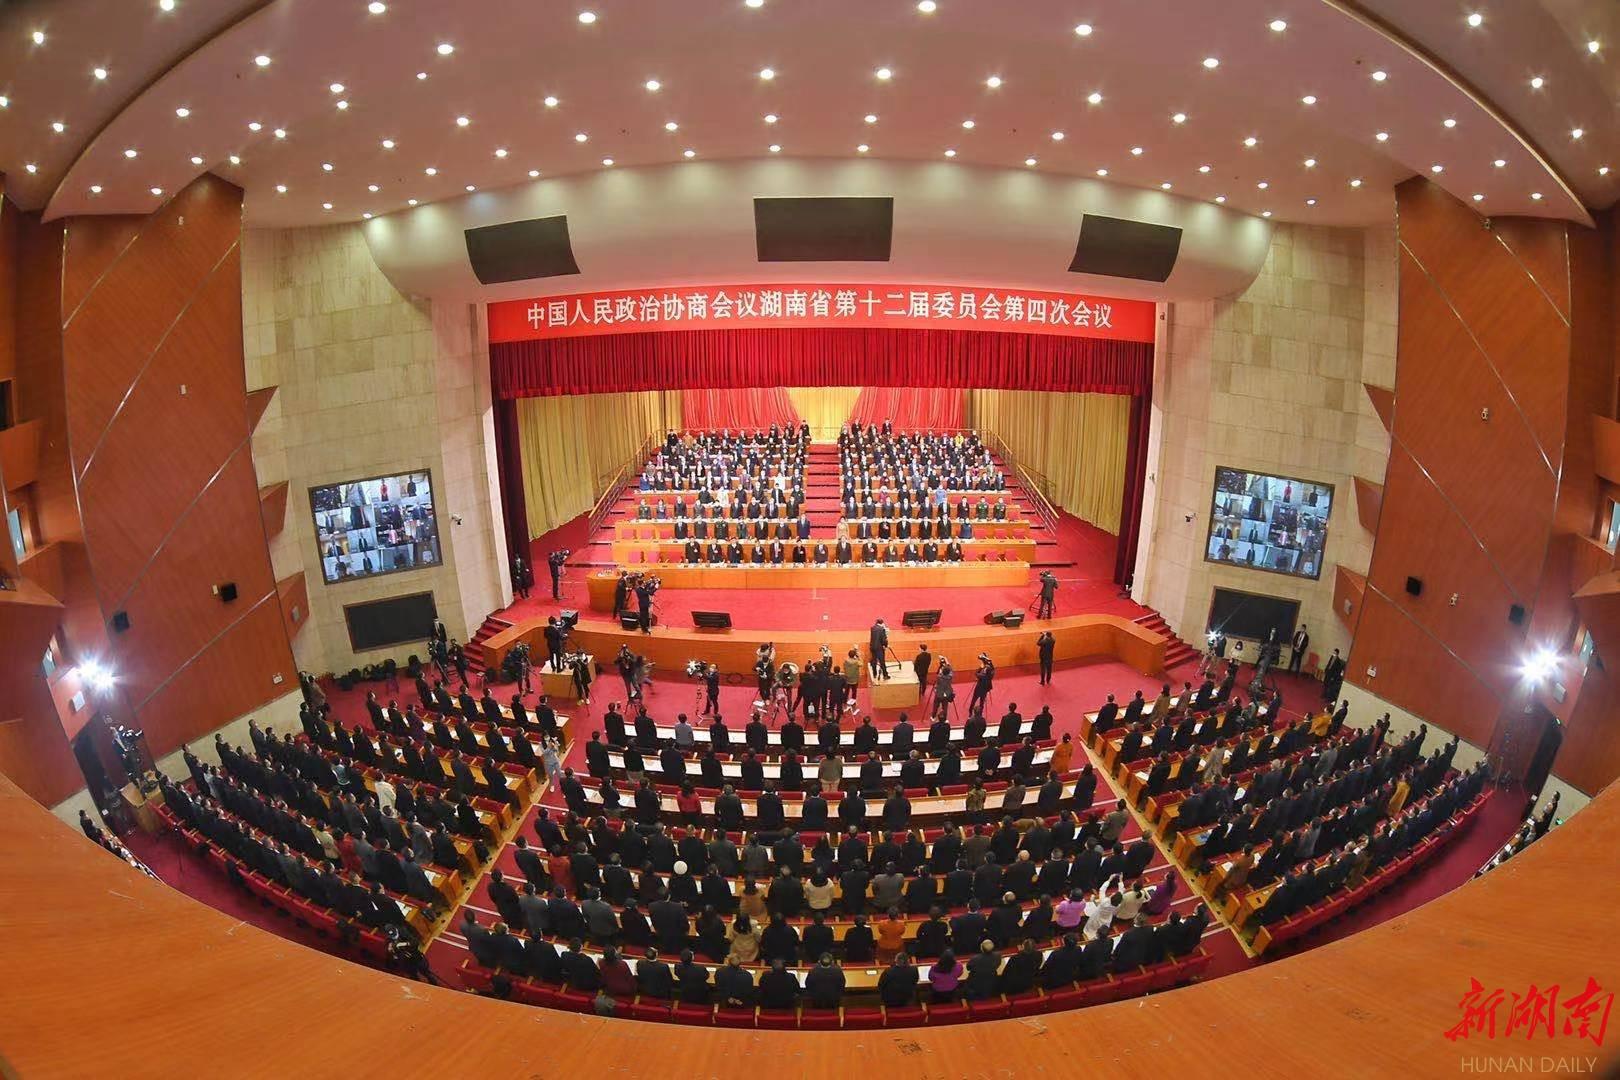 快讯丨湖南省政协十二届四次会议在长开幕 新湖南www.hunanabc.com